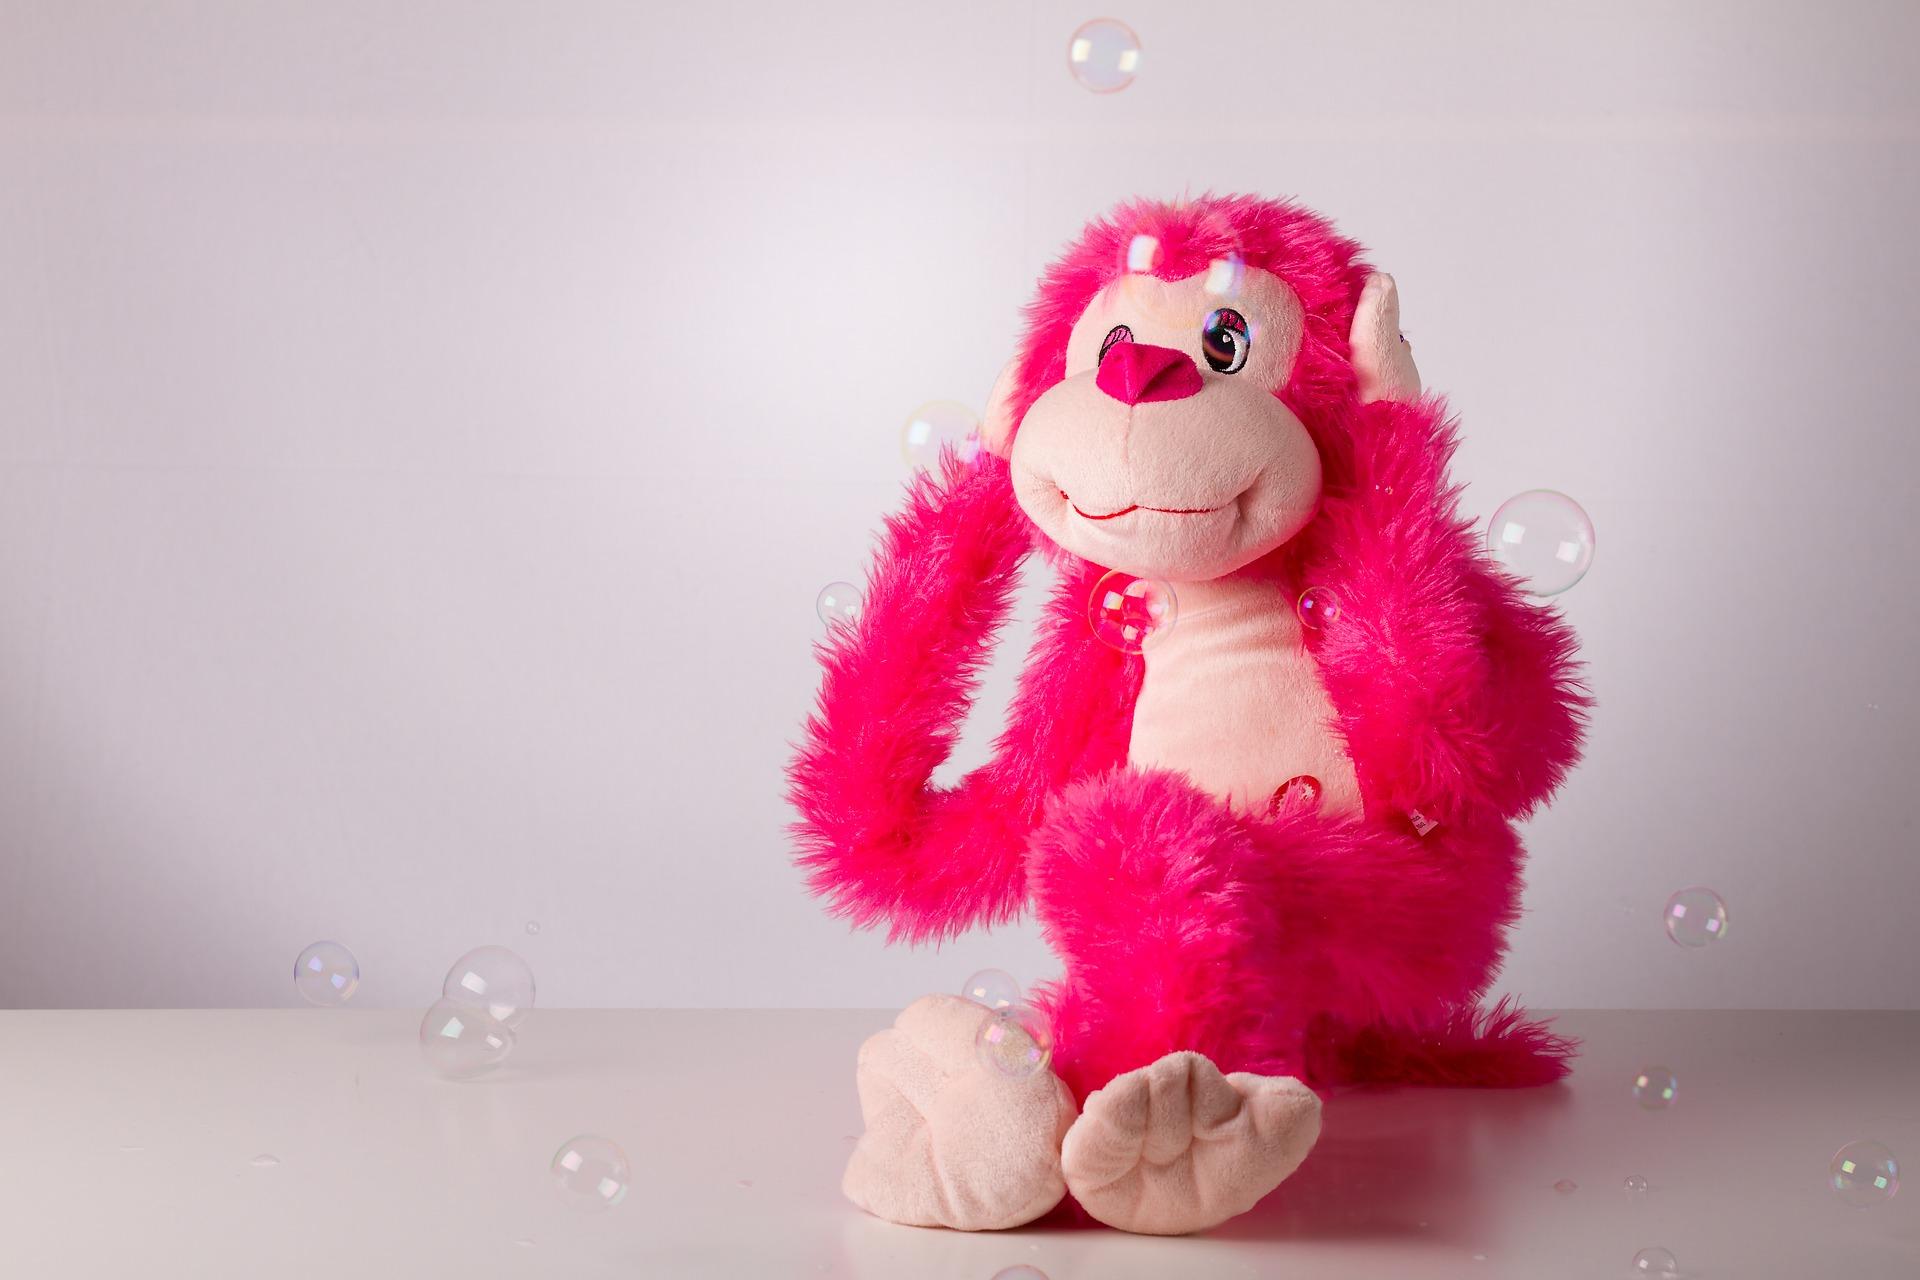 Ein pinkfarbener Plüschaffe hält sich die Ohren zu. Ausserdem sind Seifenblasen zu sehen.